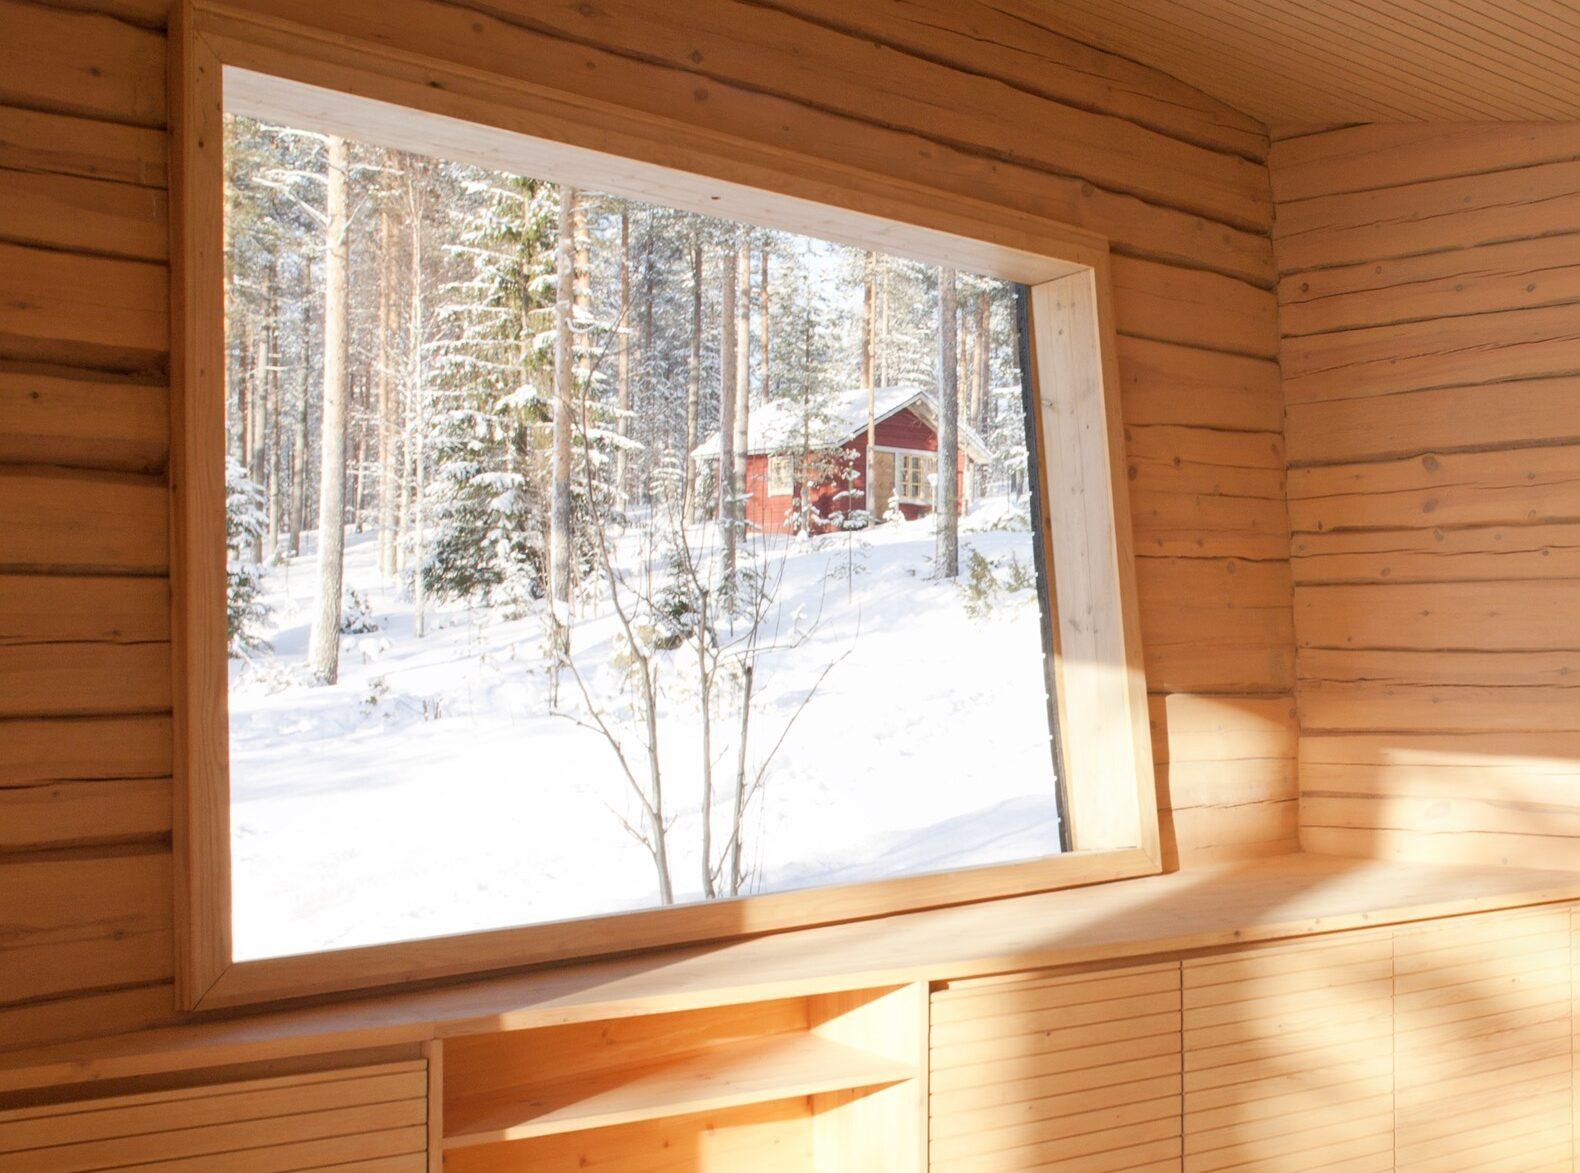 Intérieur d'un bâtiment en bois avec une fenêtre qui donne sur une forêt enneigée